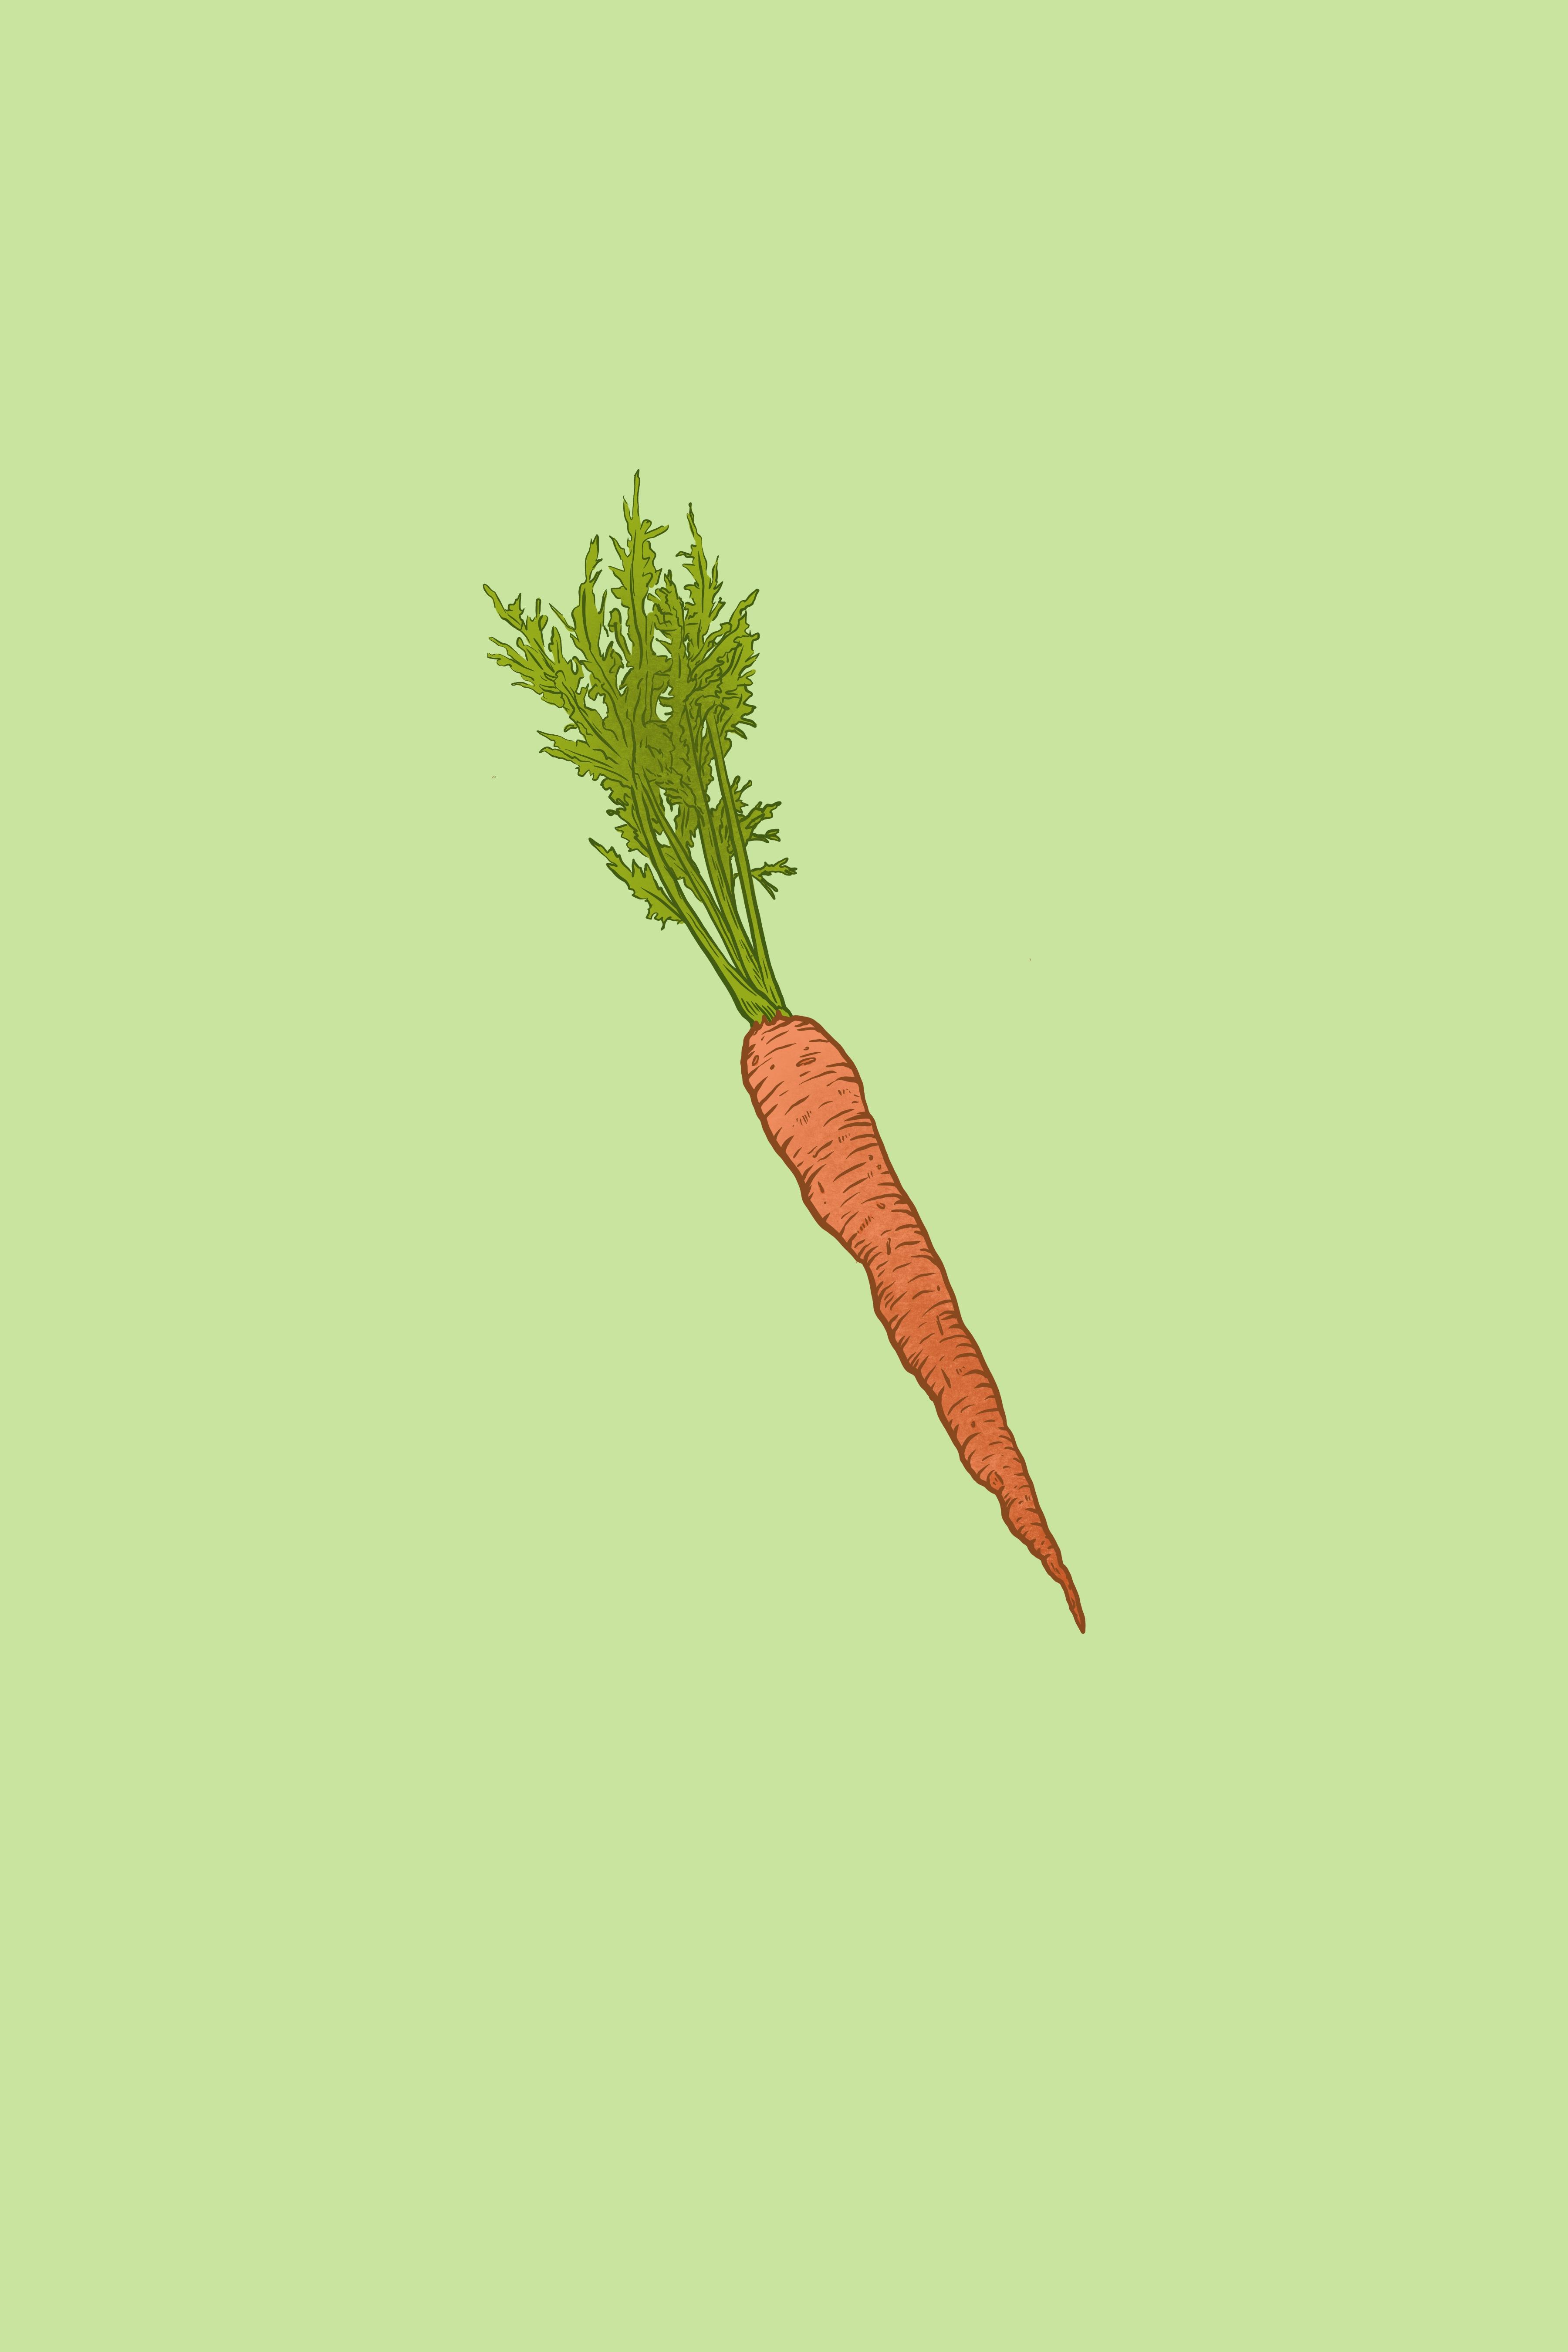 Carrot_2